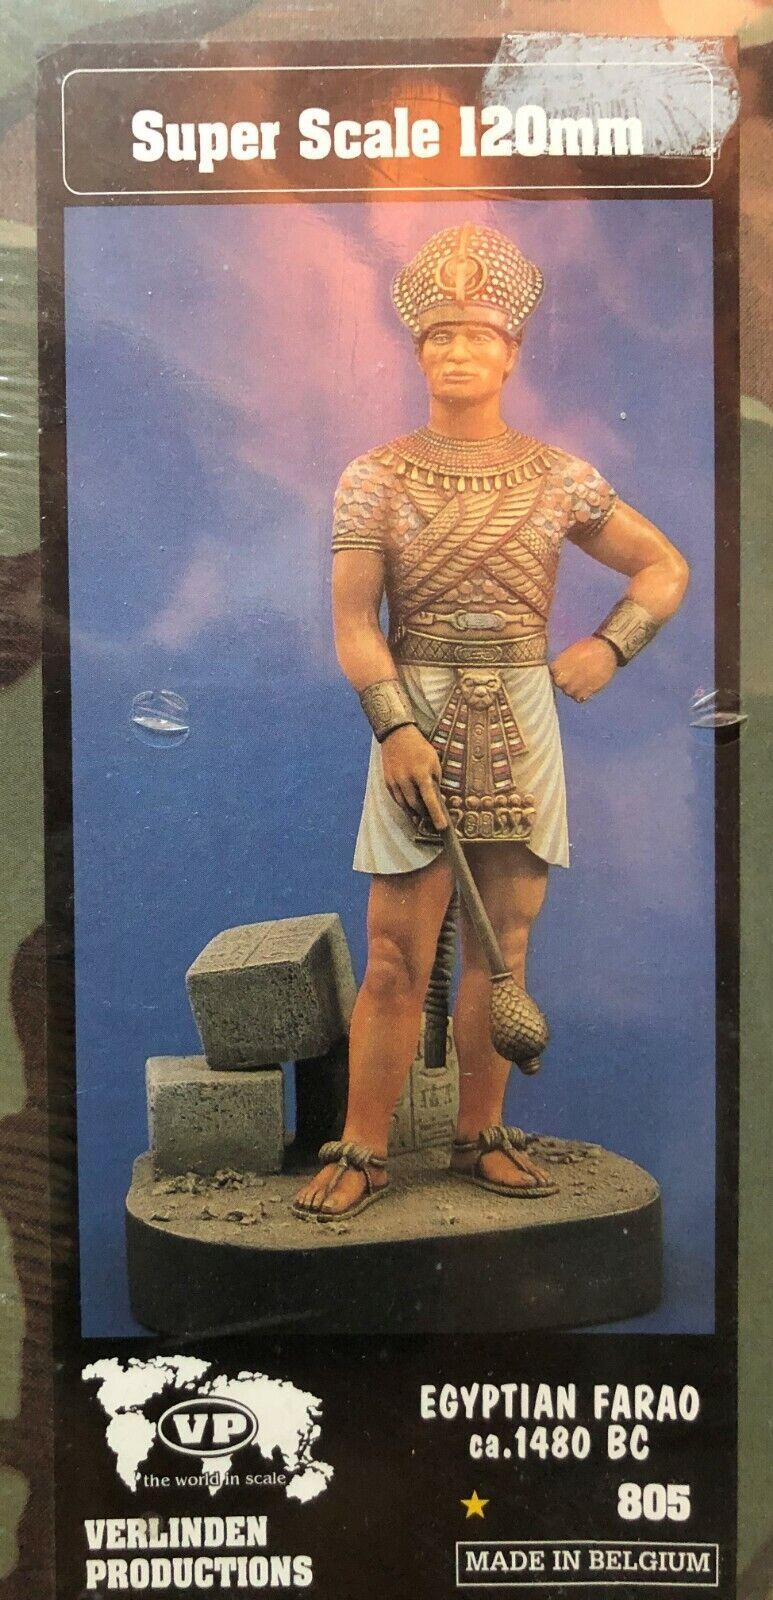 1 16 120MM RESIN FIGURE  VERLINDEN 805 EGYPTIAN FARAO 1480 B.C. nouveau.  bénéfice nul